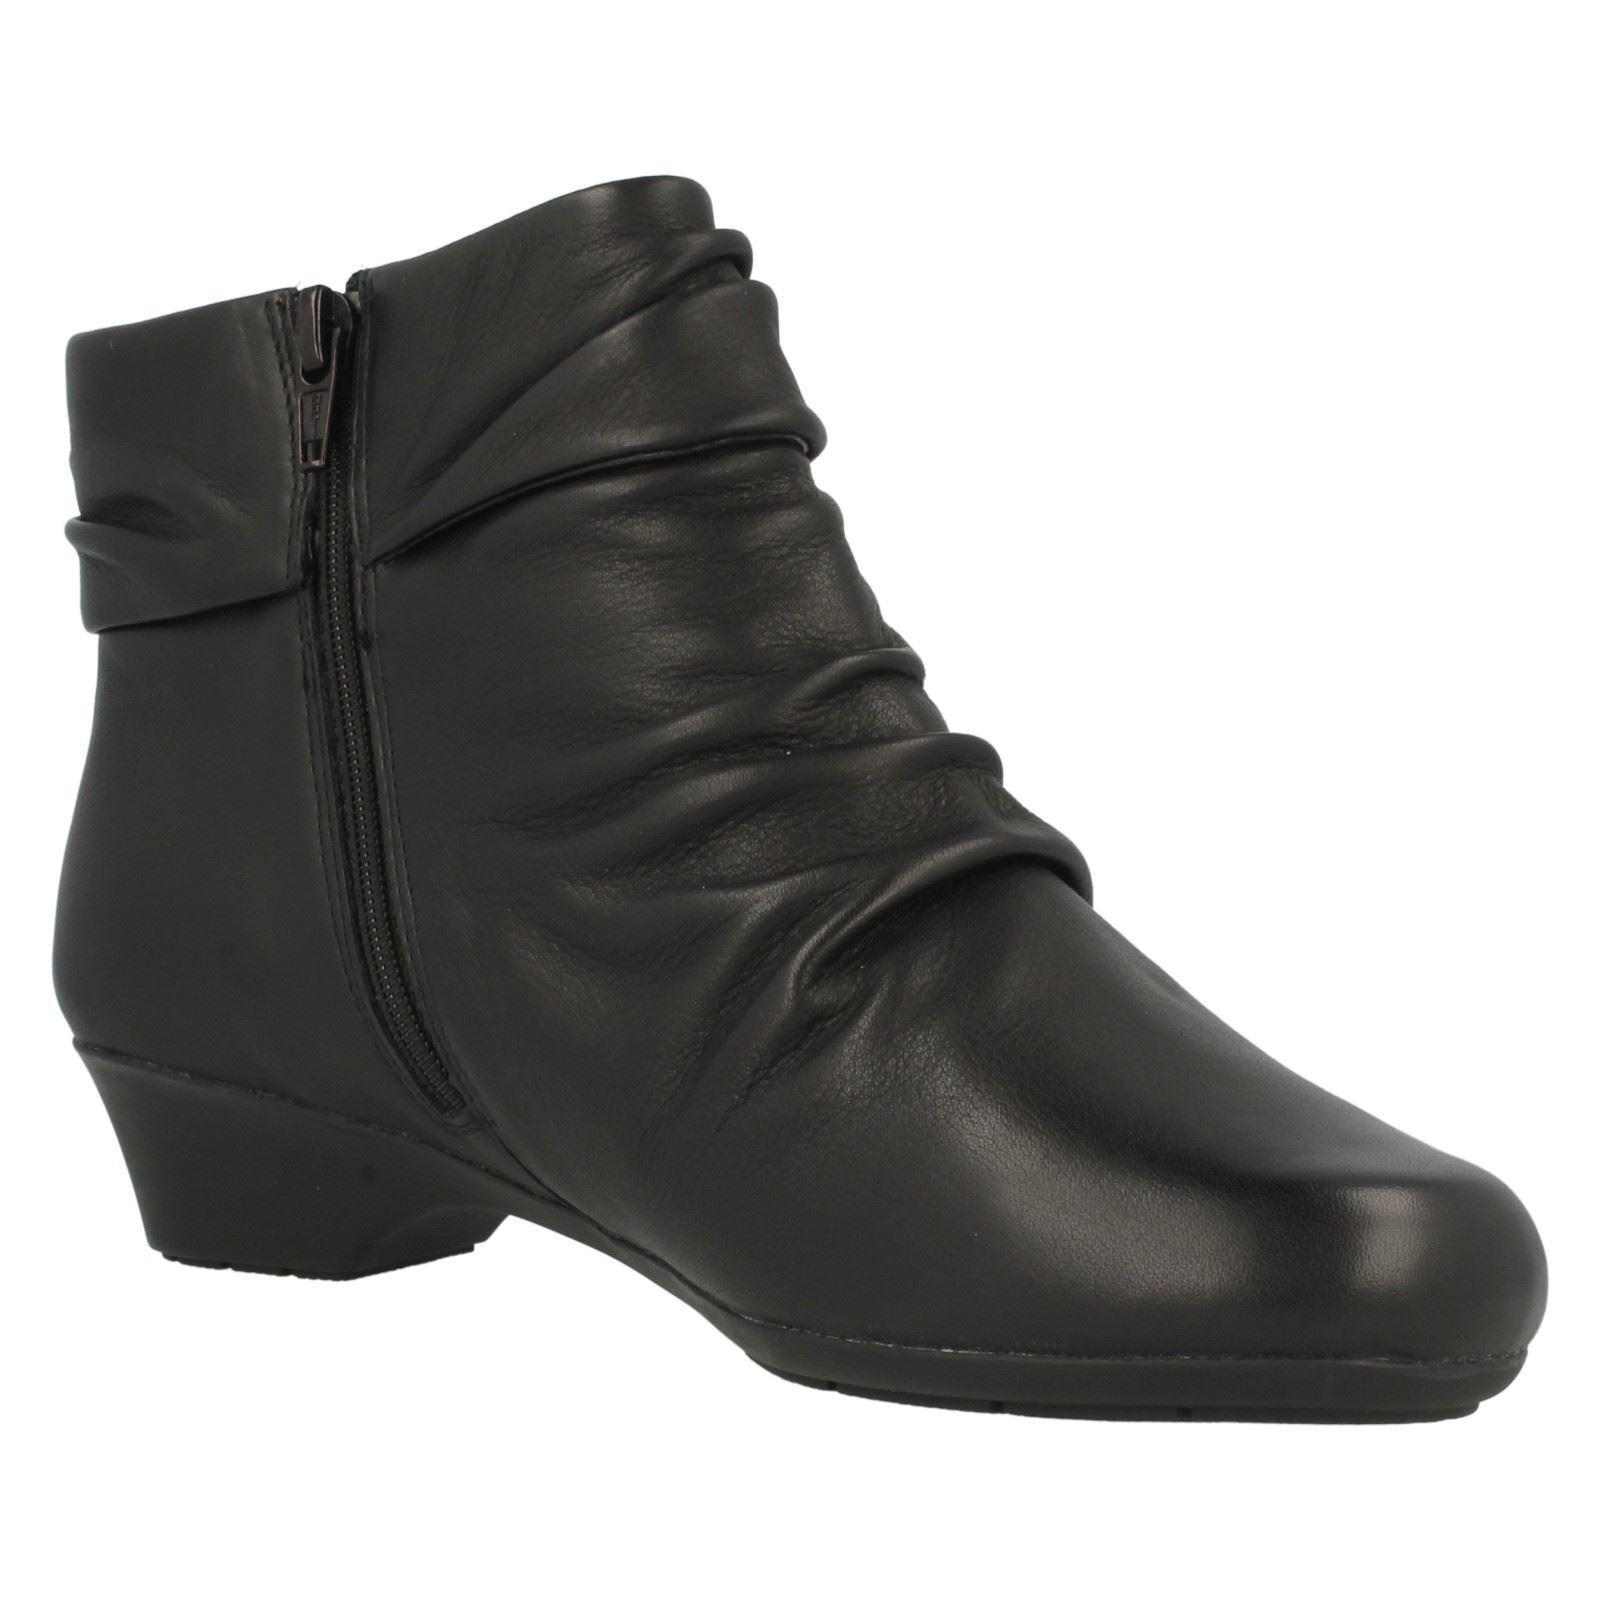 Zapatos especiales con descuento Clarks' Merrian LYN ' DE PIEL NEGRAS CON CREMALLERA 3.2cm tacón en bloque